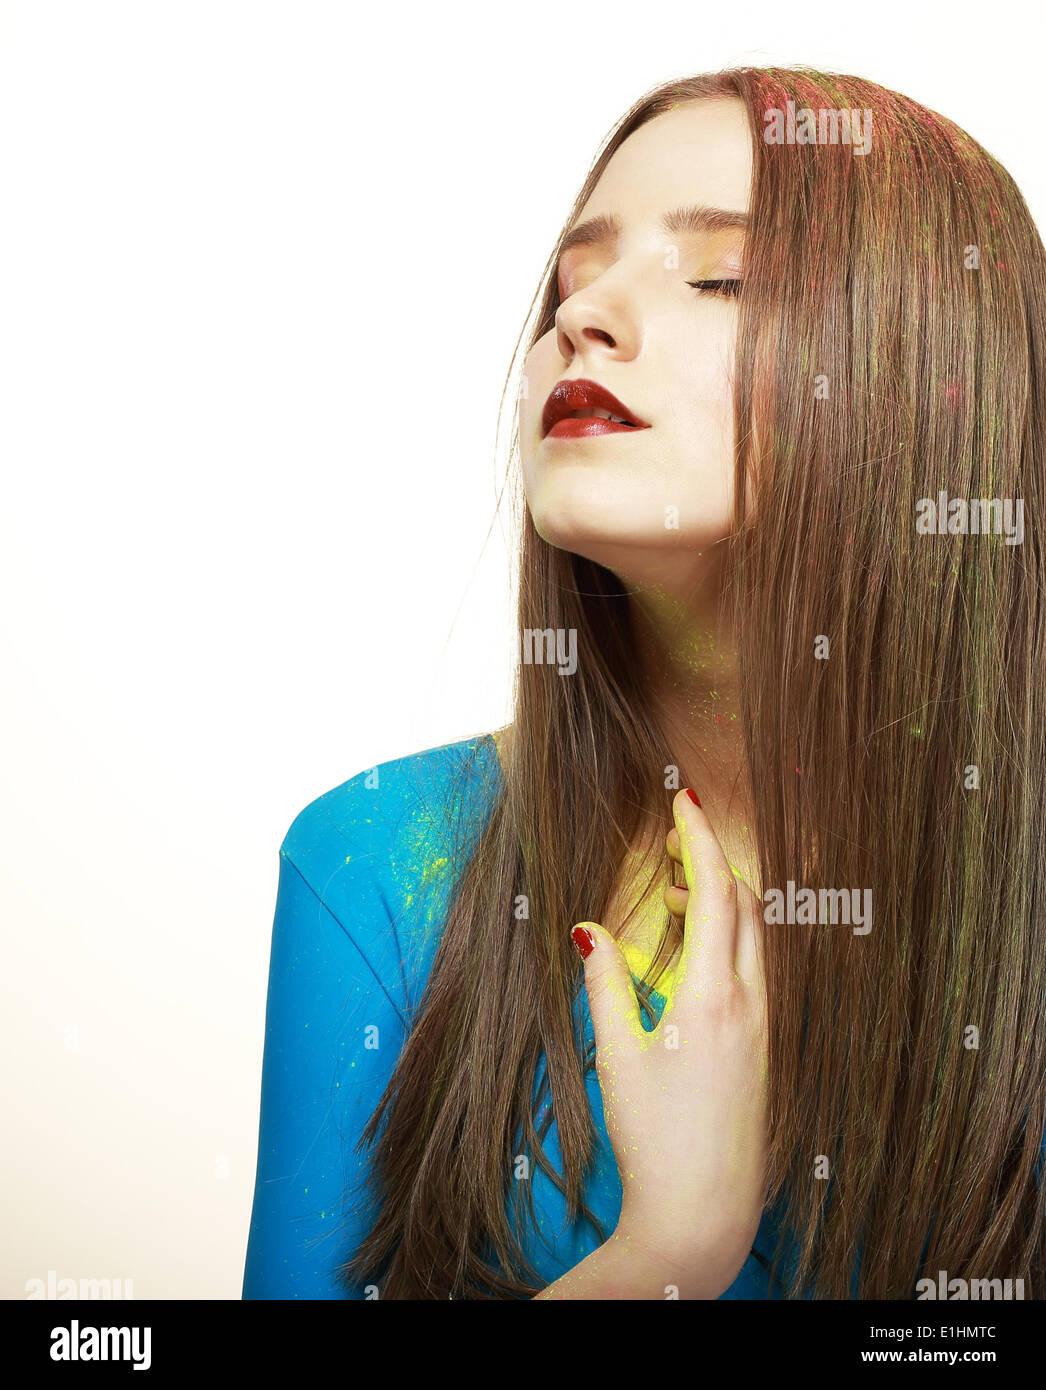 La fantasia. Moda giovane modello con brillante trucco colorato. Il glamour Immagini Stock